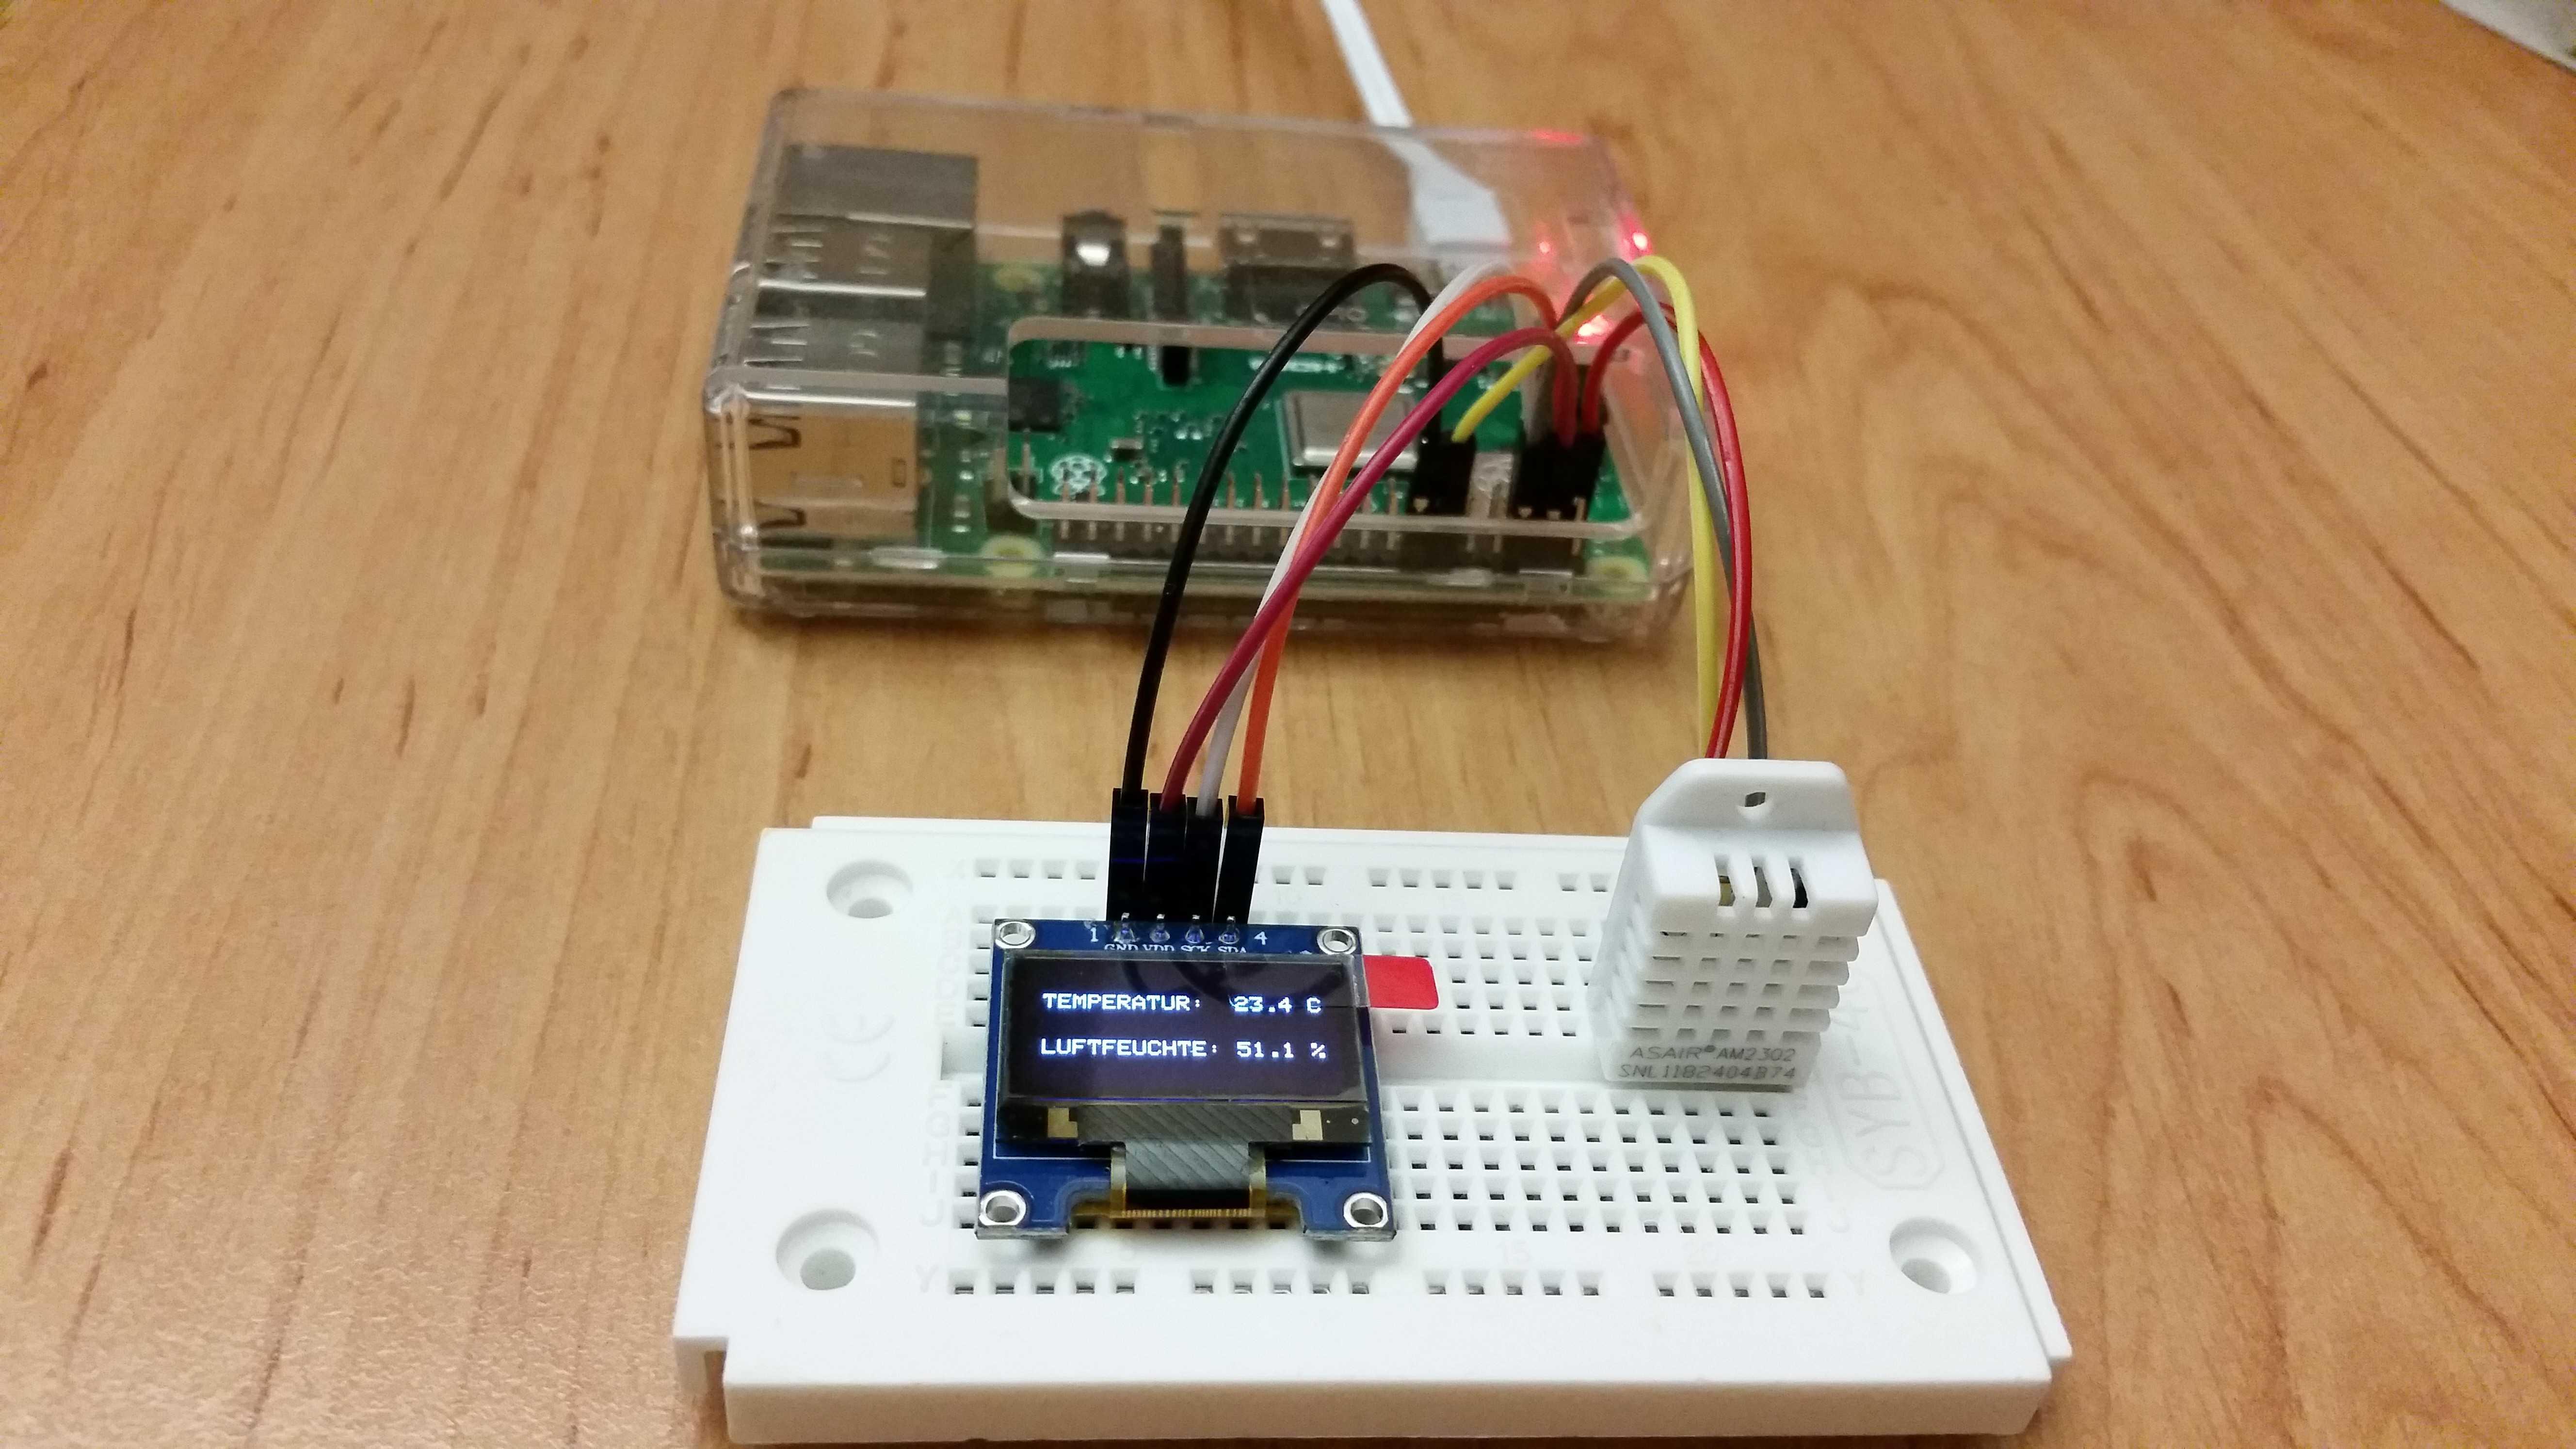 Raspberry Pi neben Breadboard mit Temperatursensor und OLED, auf dem die aktuelle Temperatur angezeigt wird.